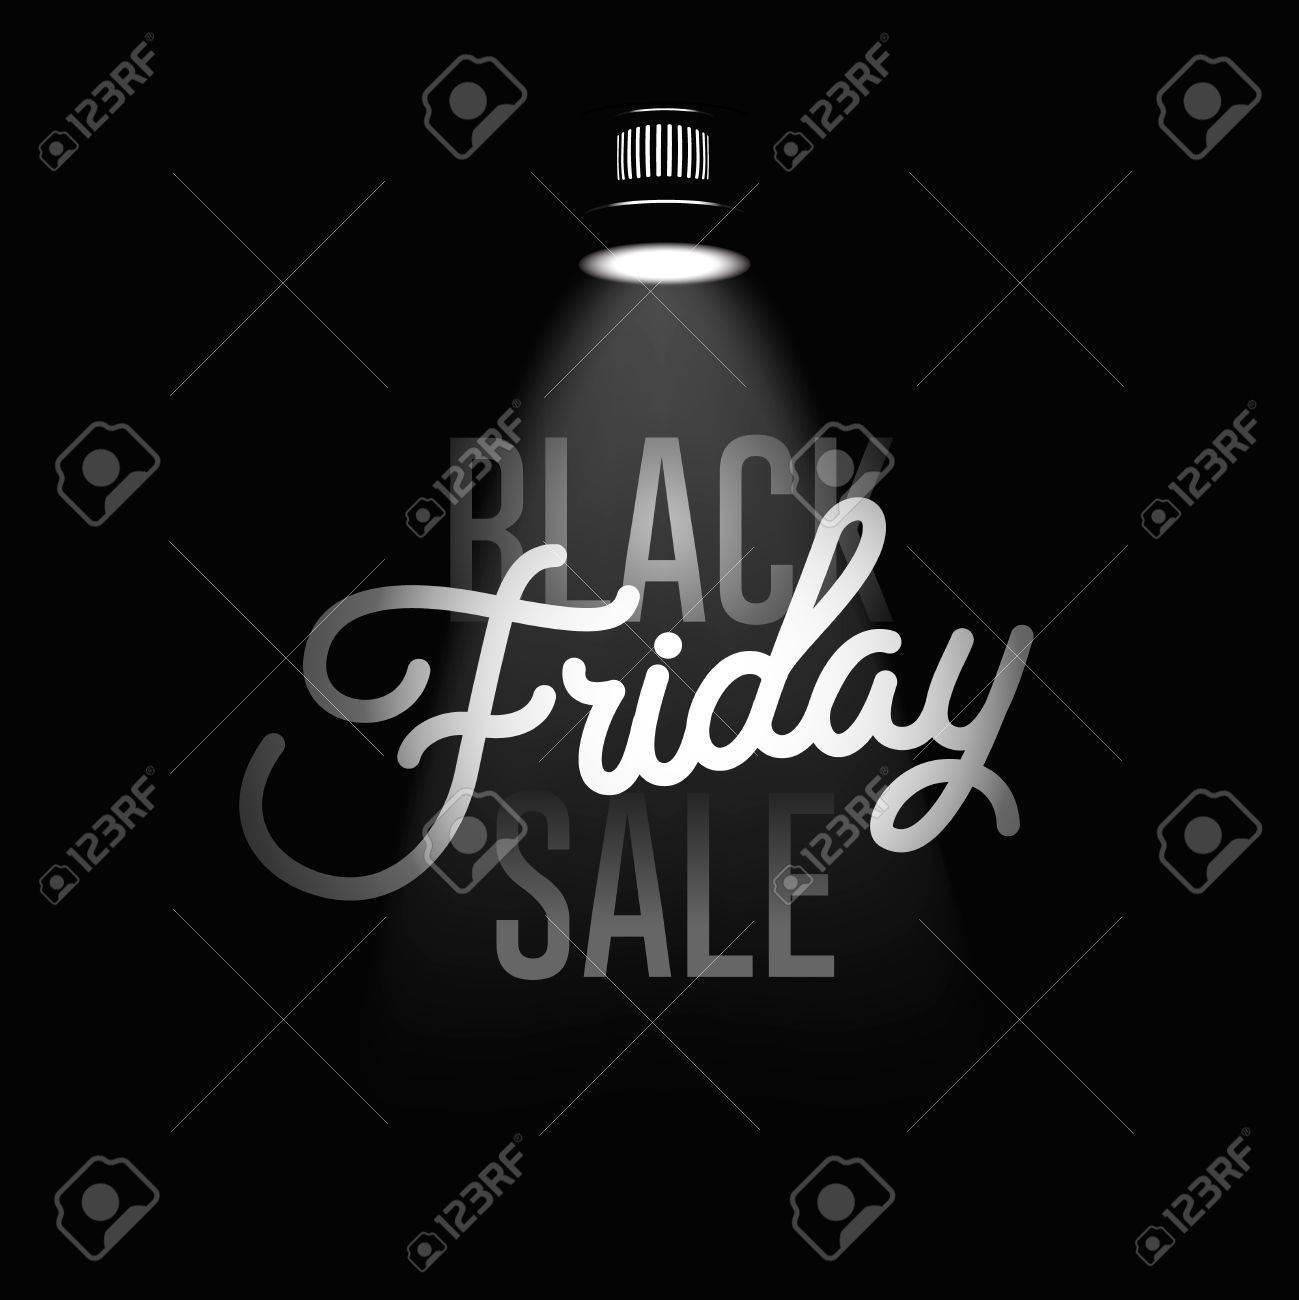 Black Friday Verkauf Inschrift Design-Vorlage. Standard-Bild - 48074409